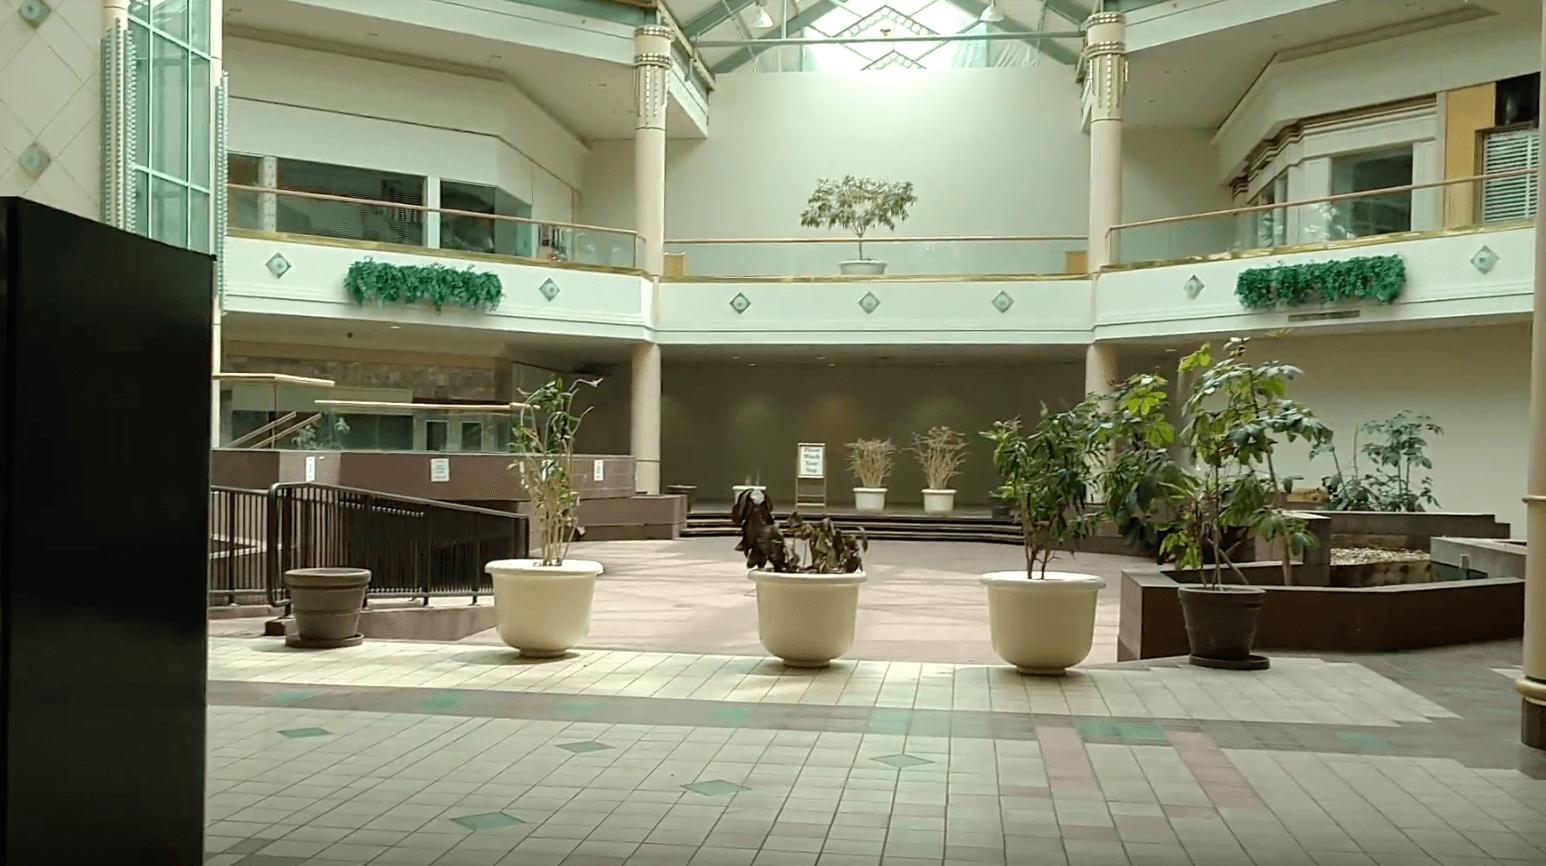 Charlestowne Mall